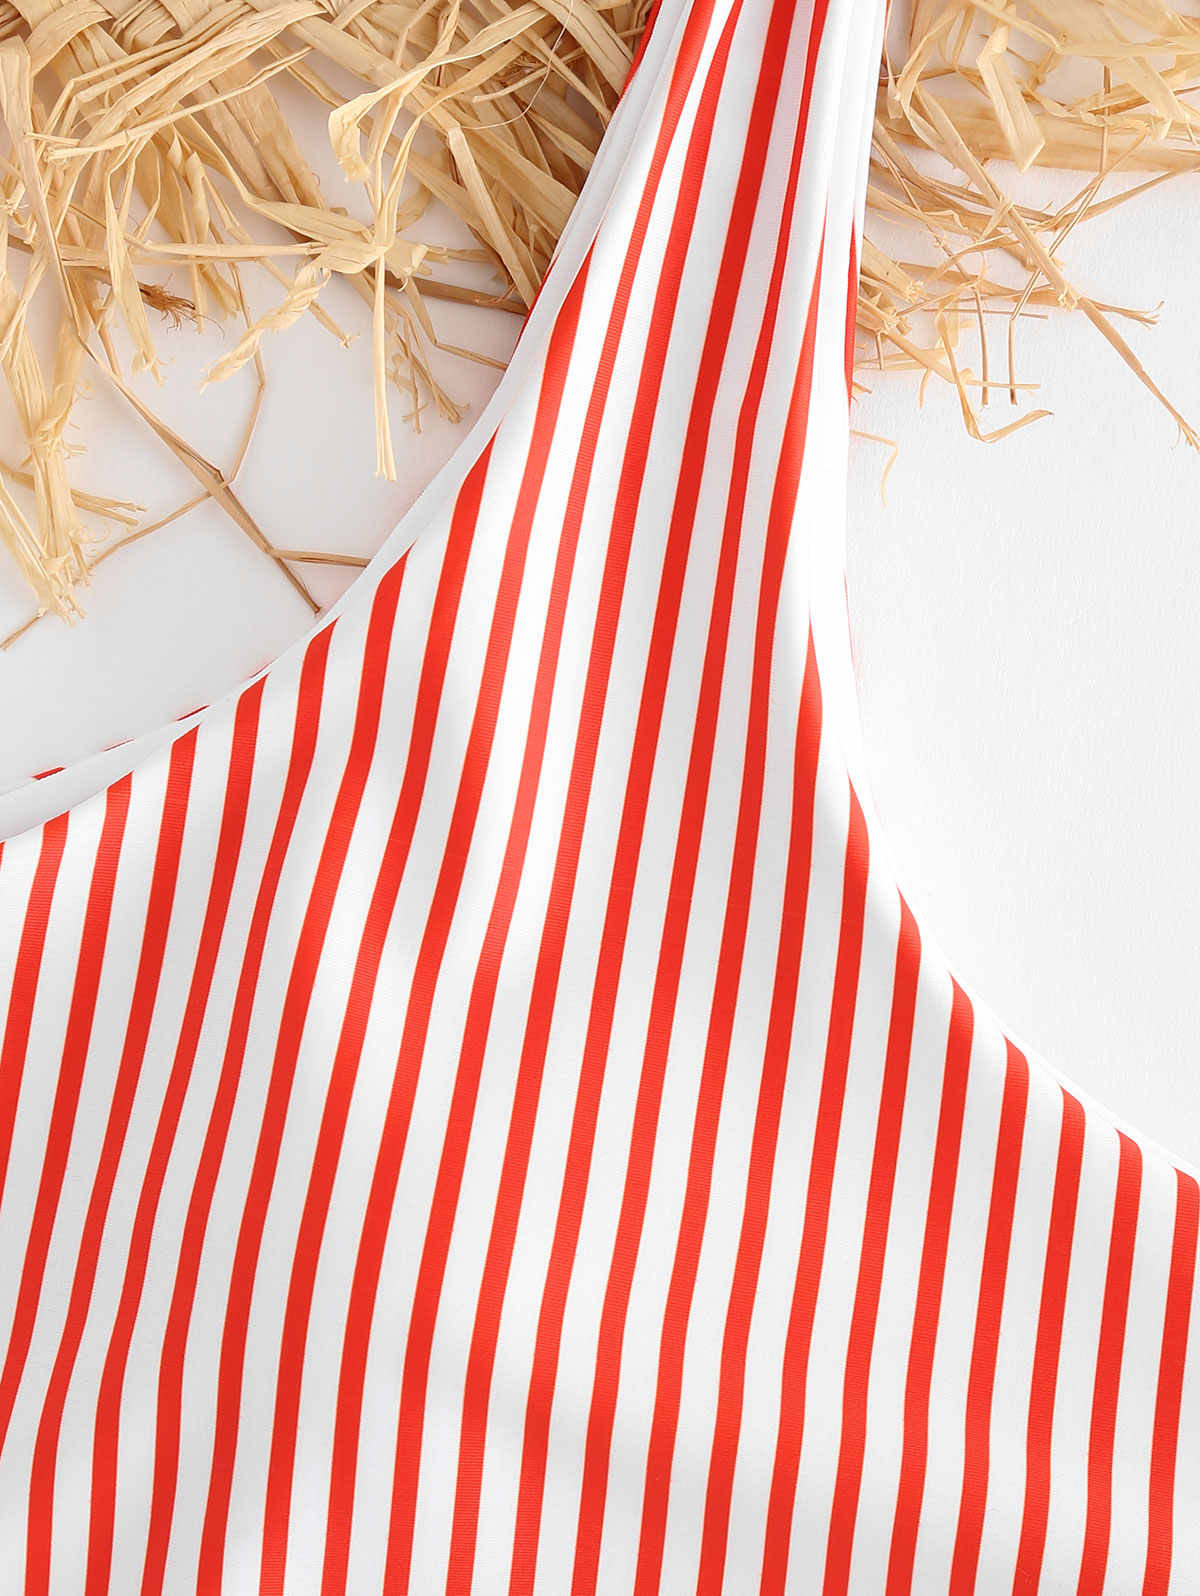 ZAFUL kolorowe paski Bikini z wysokim stanem 2019 Bowknot Bandeau Bikini wysokiej nogi stroje kąpielowe kobiety Bikini wysoko wycięte Push Up Biquini